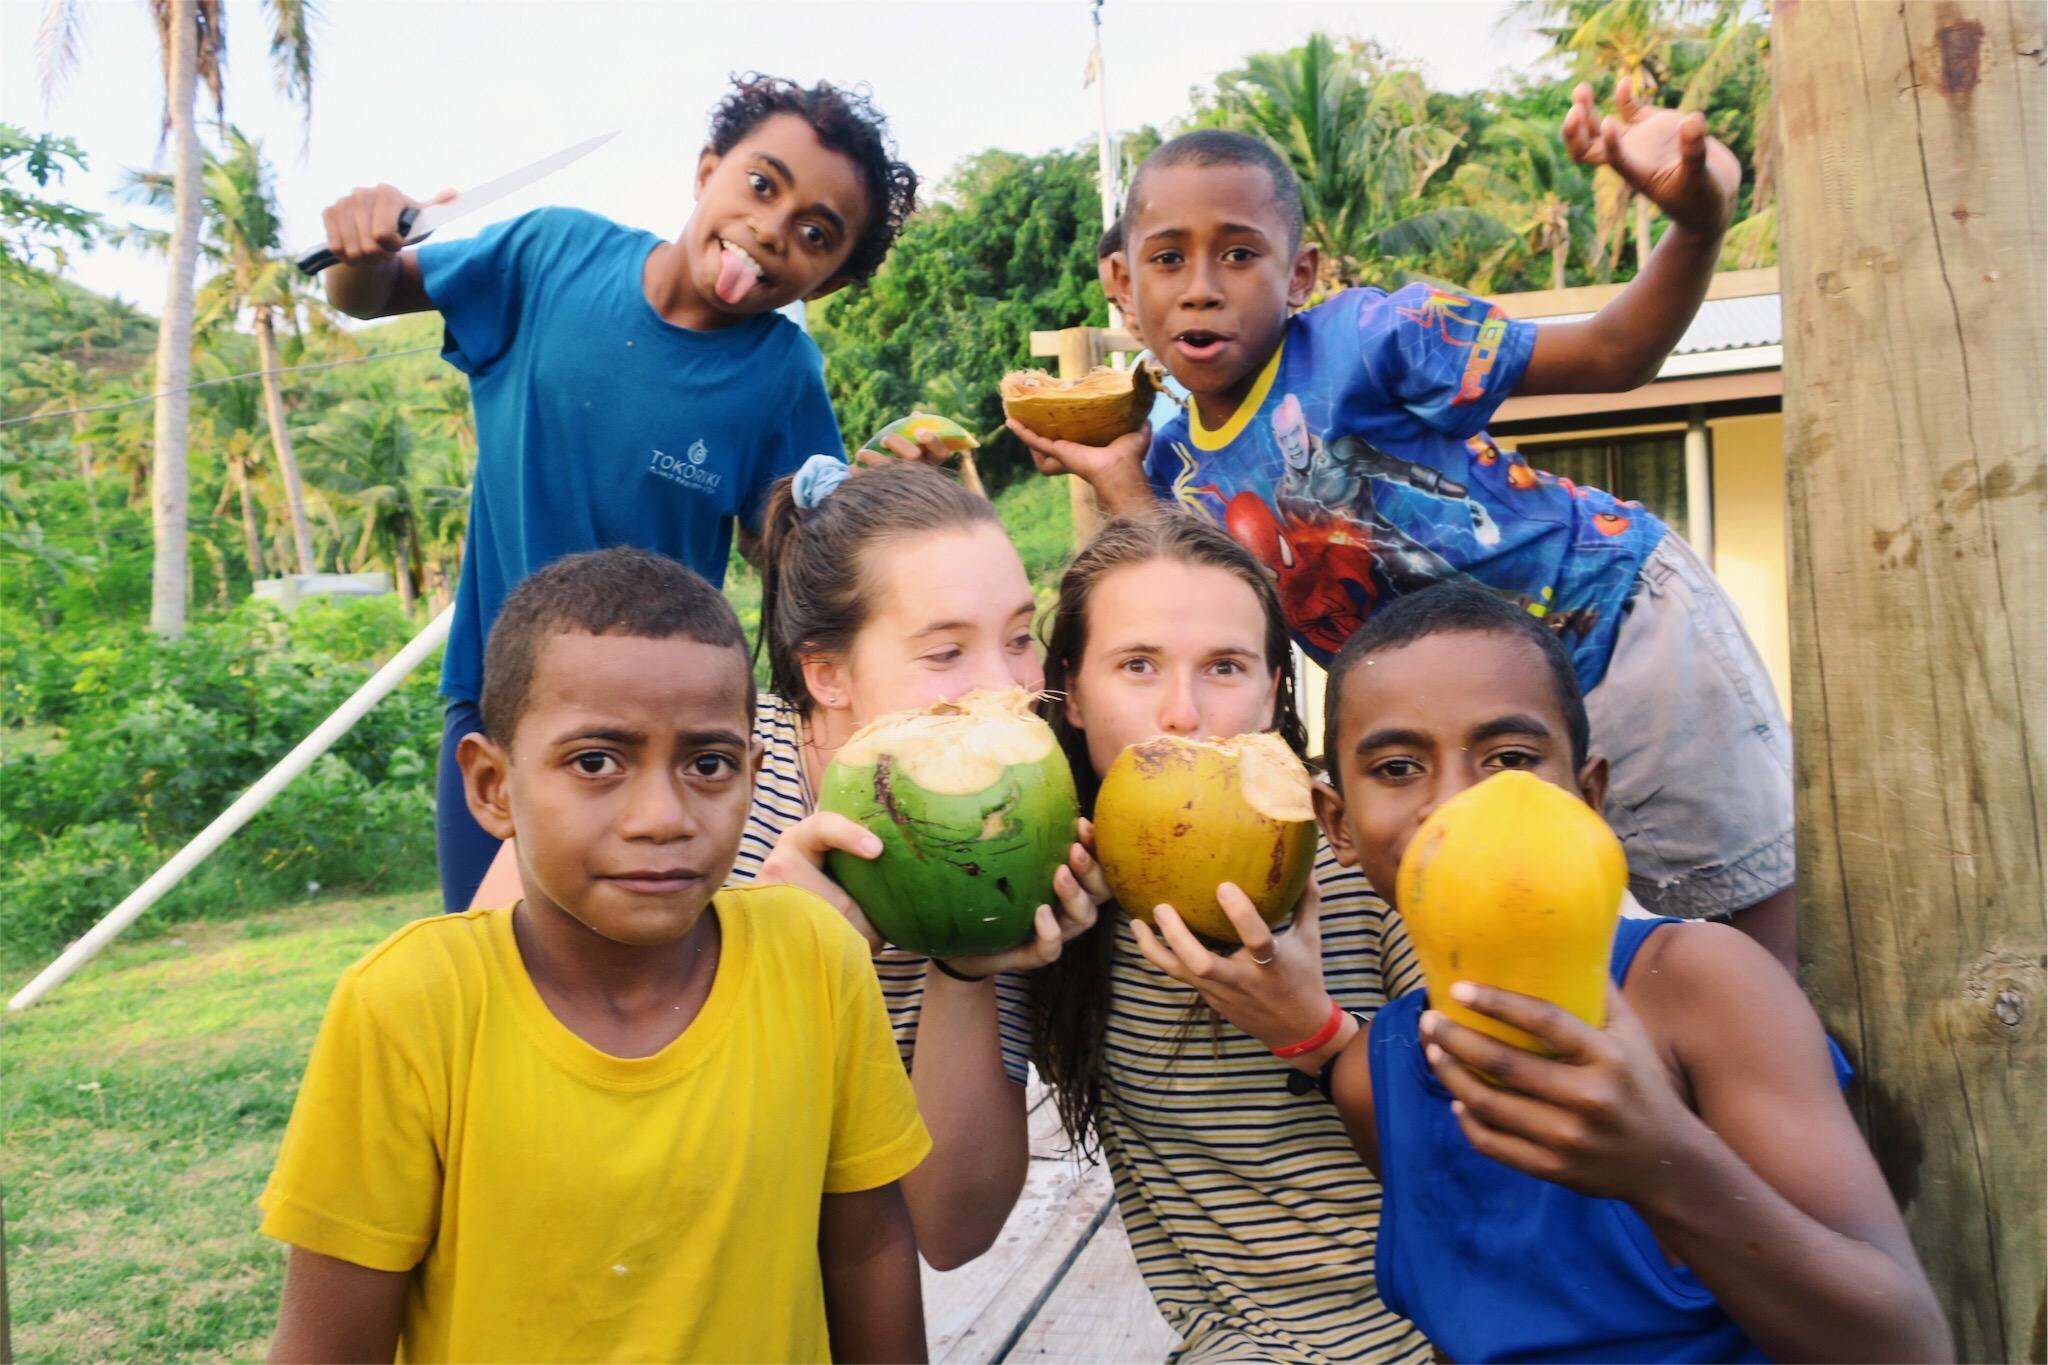 island fiji volunteer teaching program look at those papayas - Volunteering for Teens in Groups